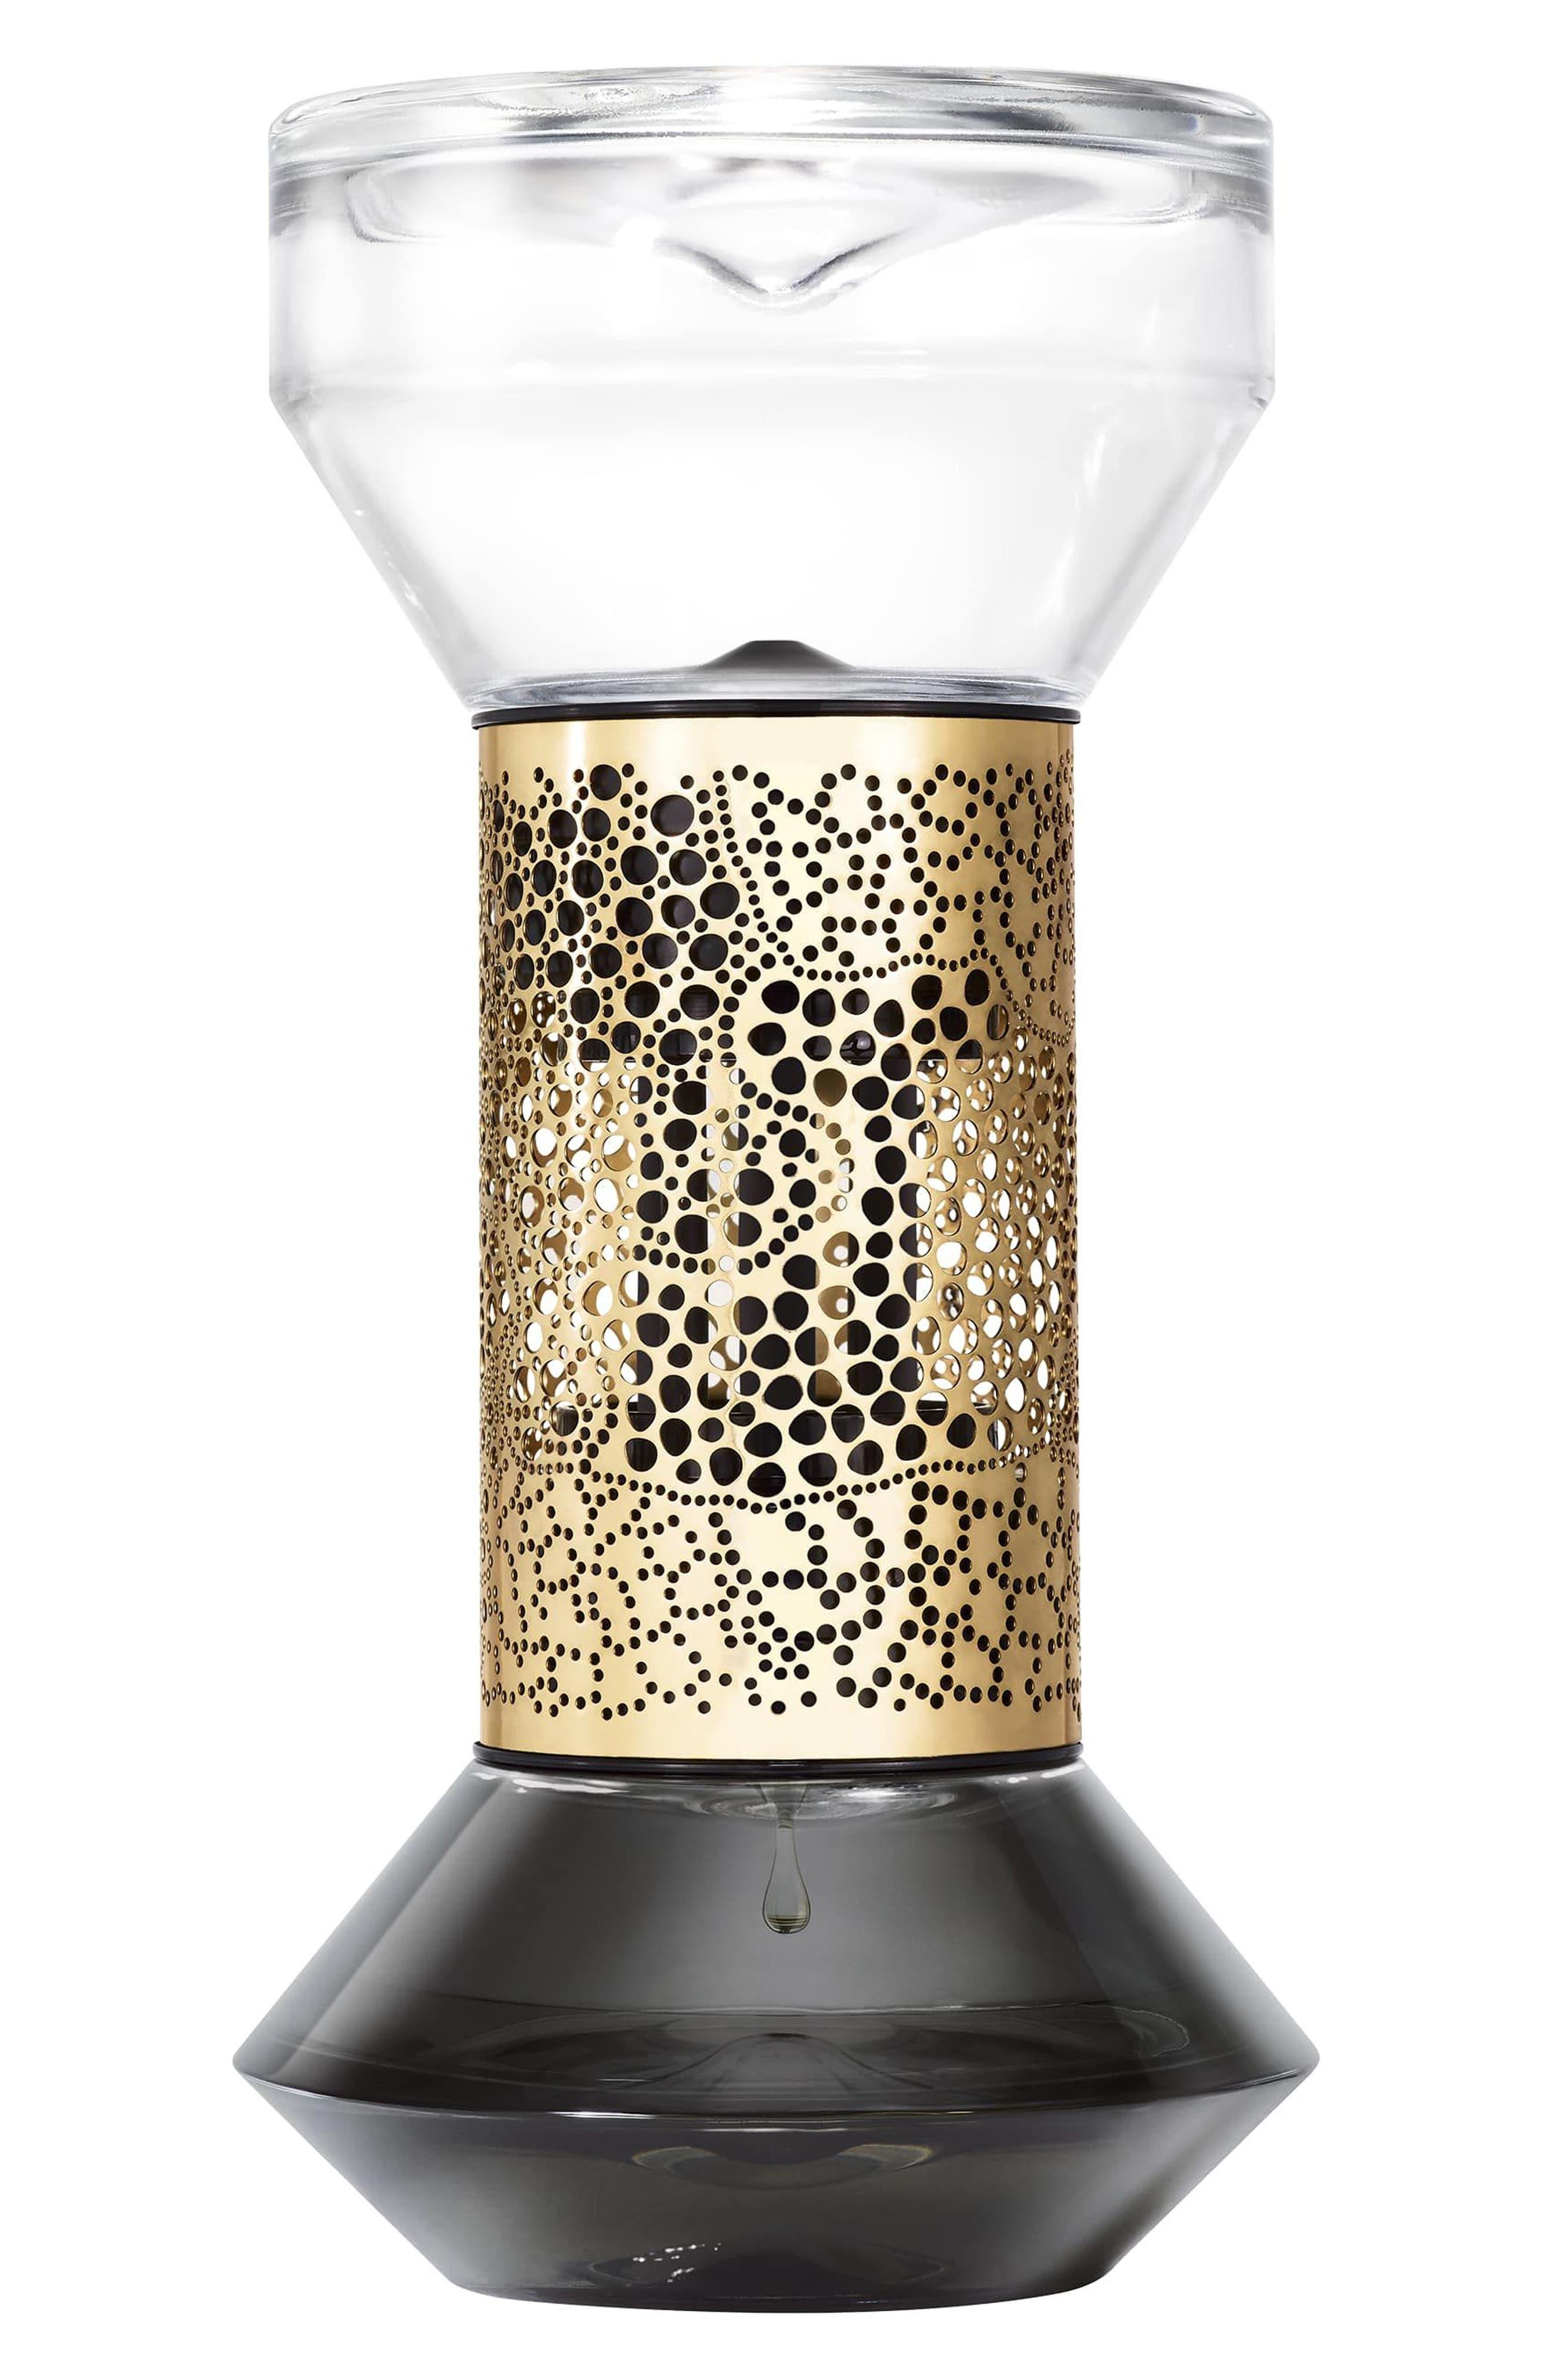 diptyque Baies/Berries Hourglass Diffuser